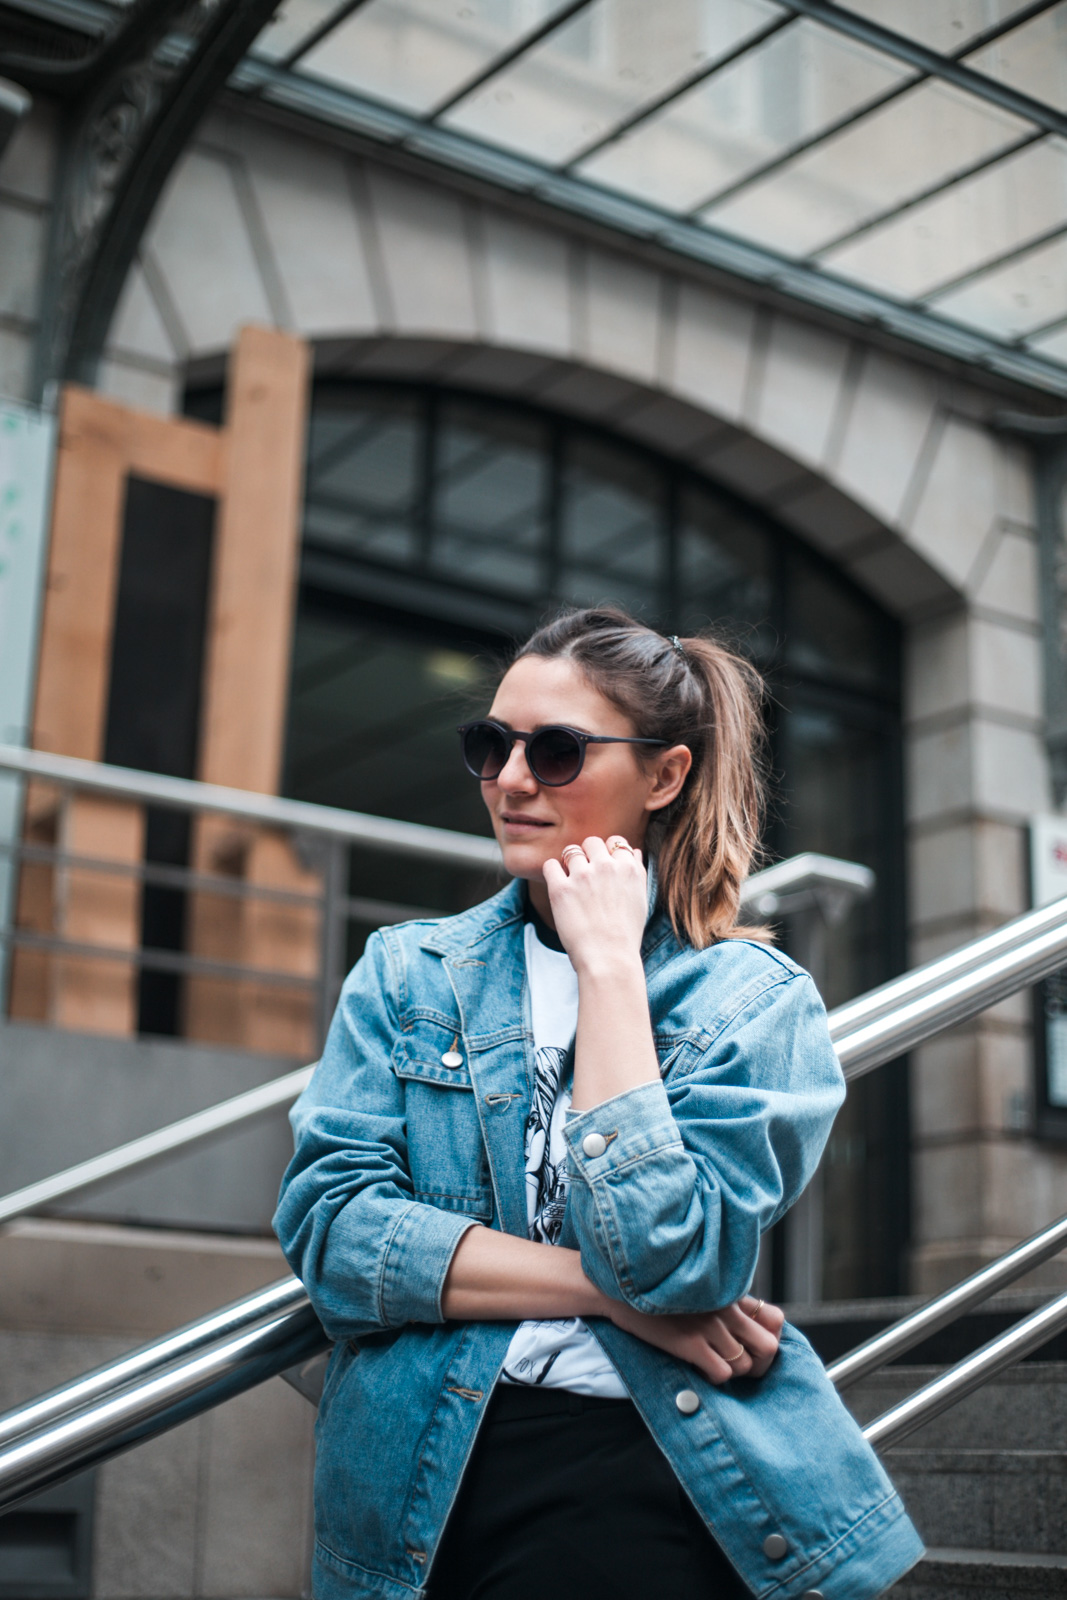 comment porter les lunettes de soleil en hiver